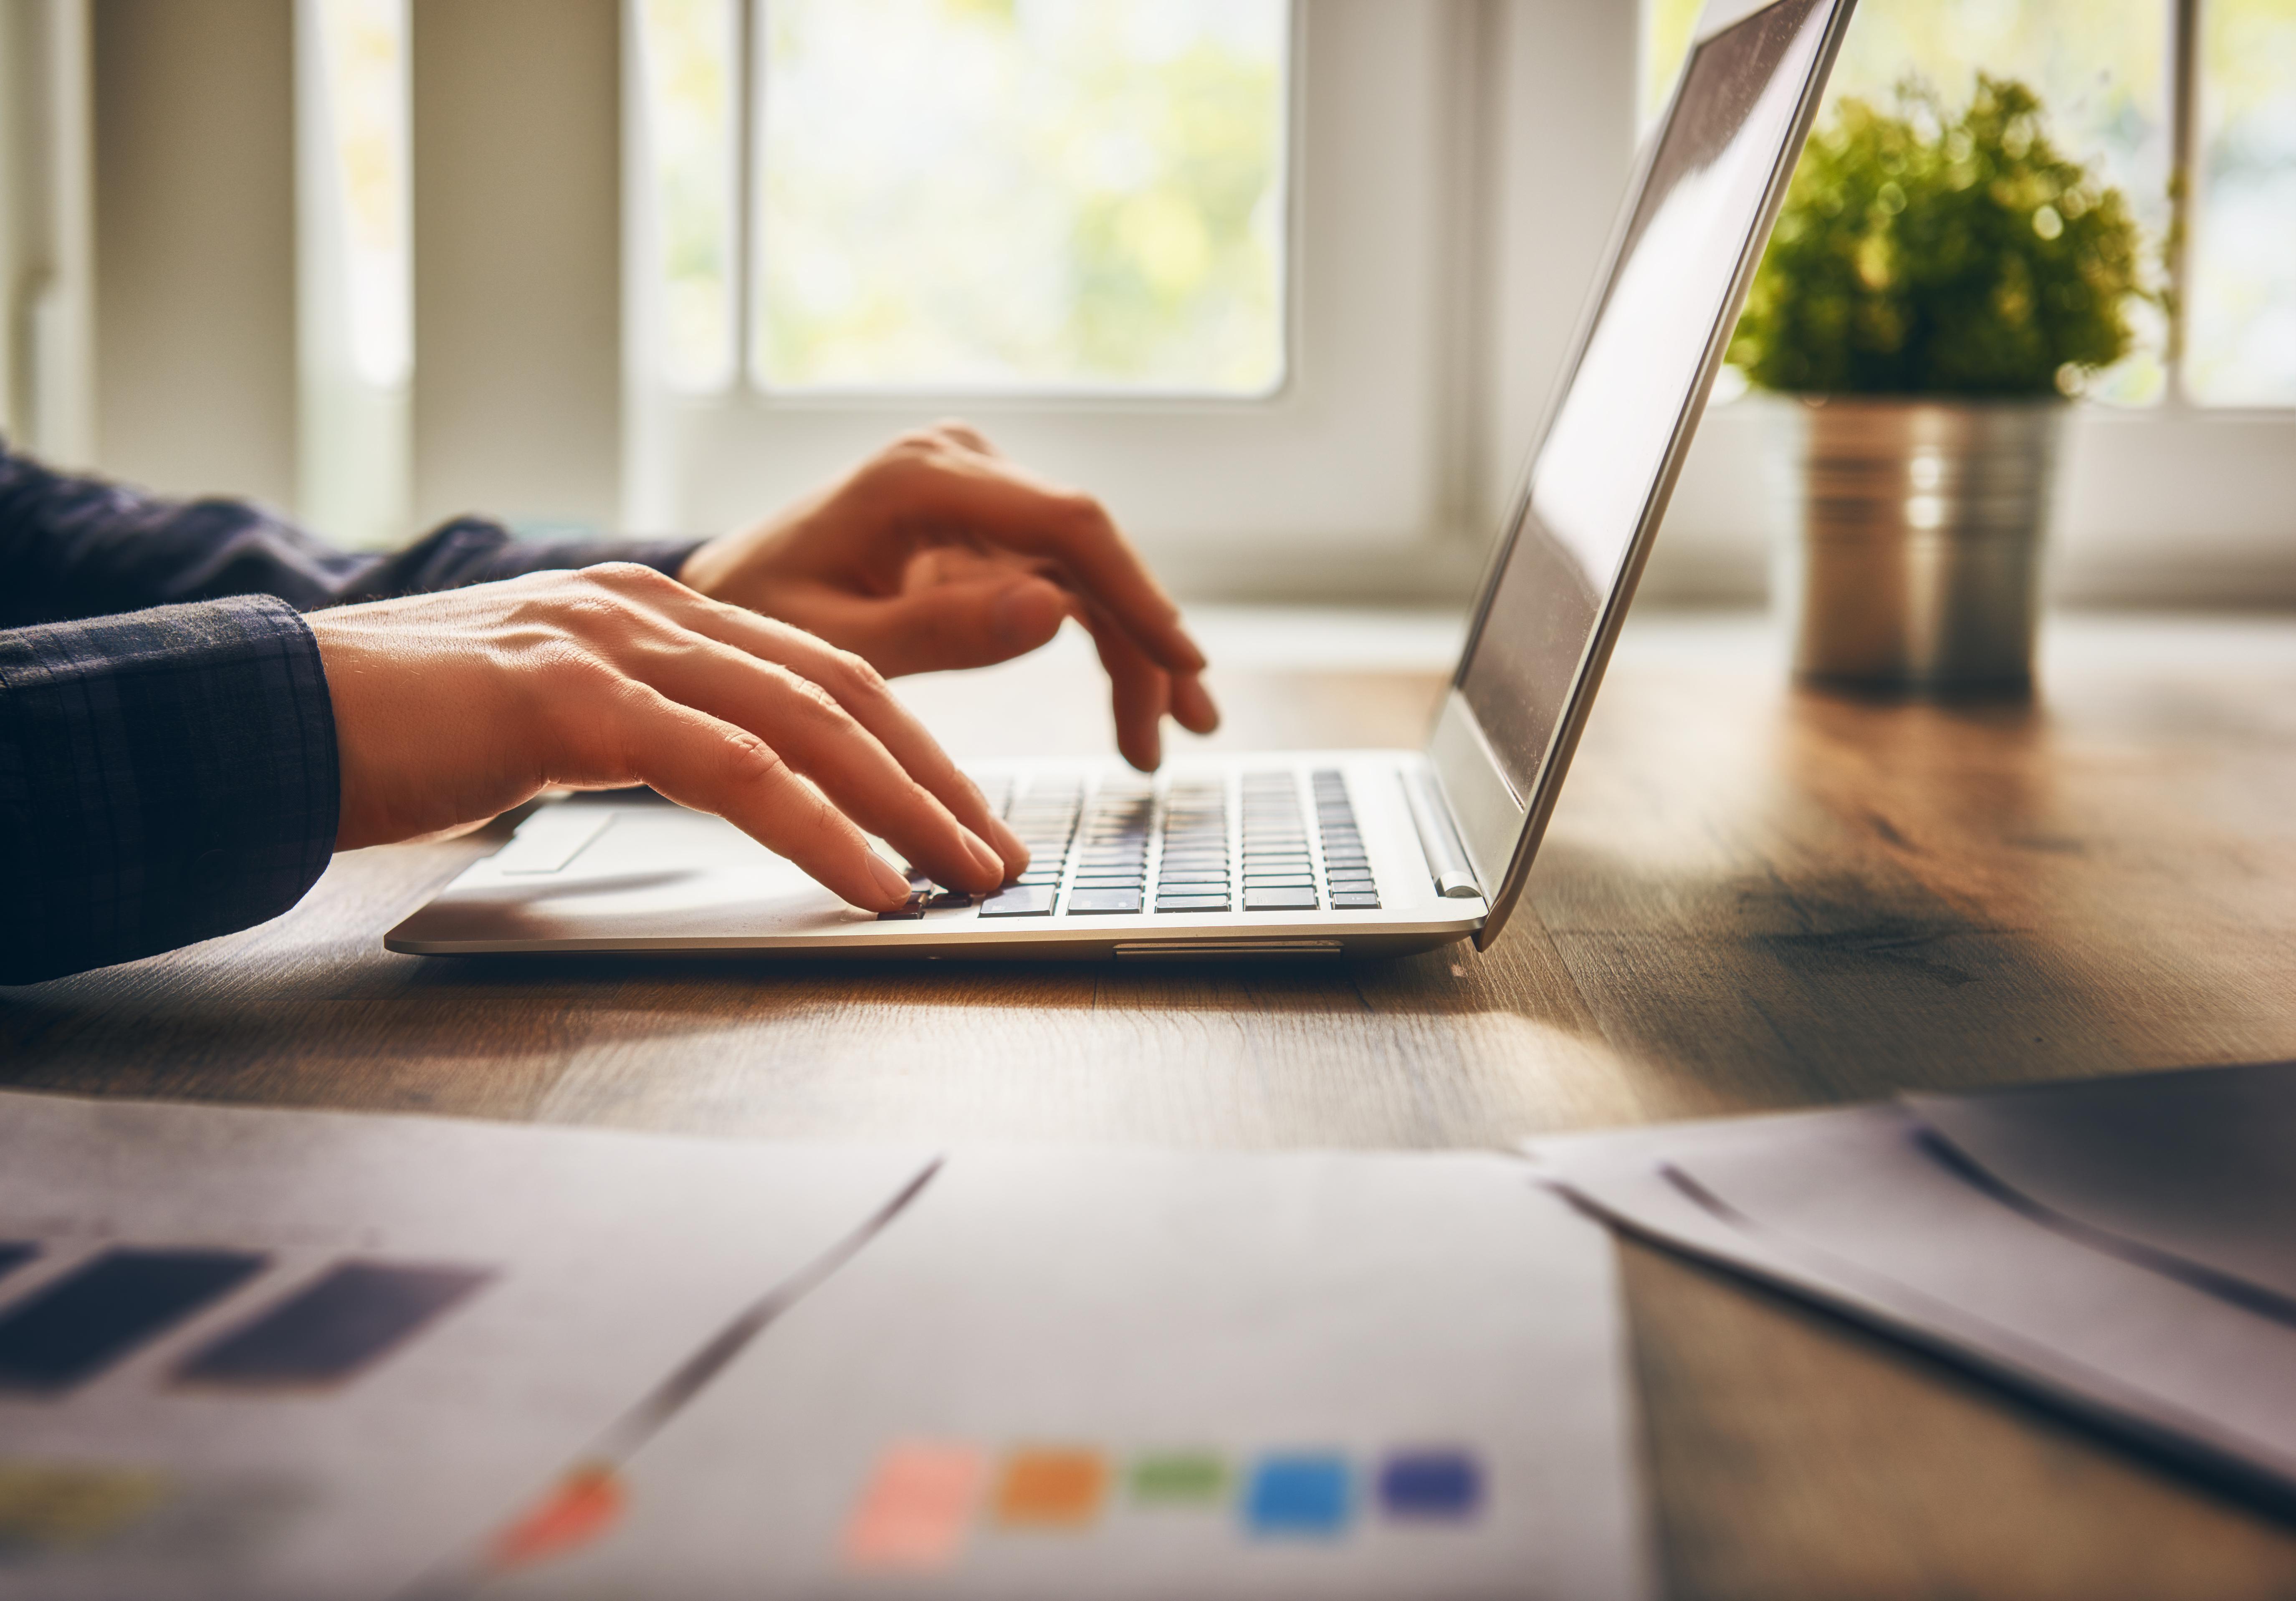 Conseils pour vendre son site e-commerce et son blog